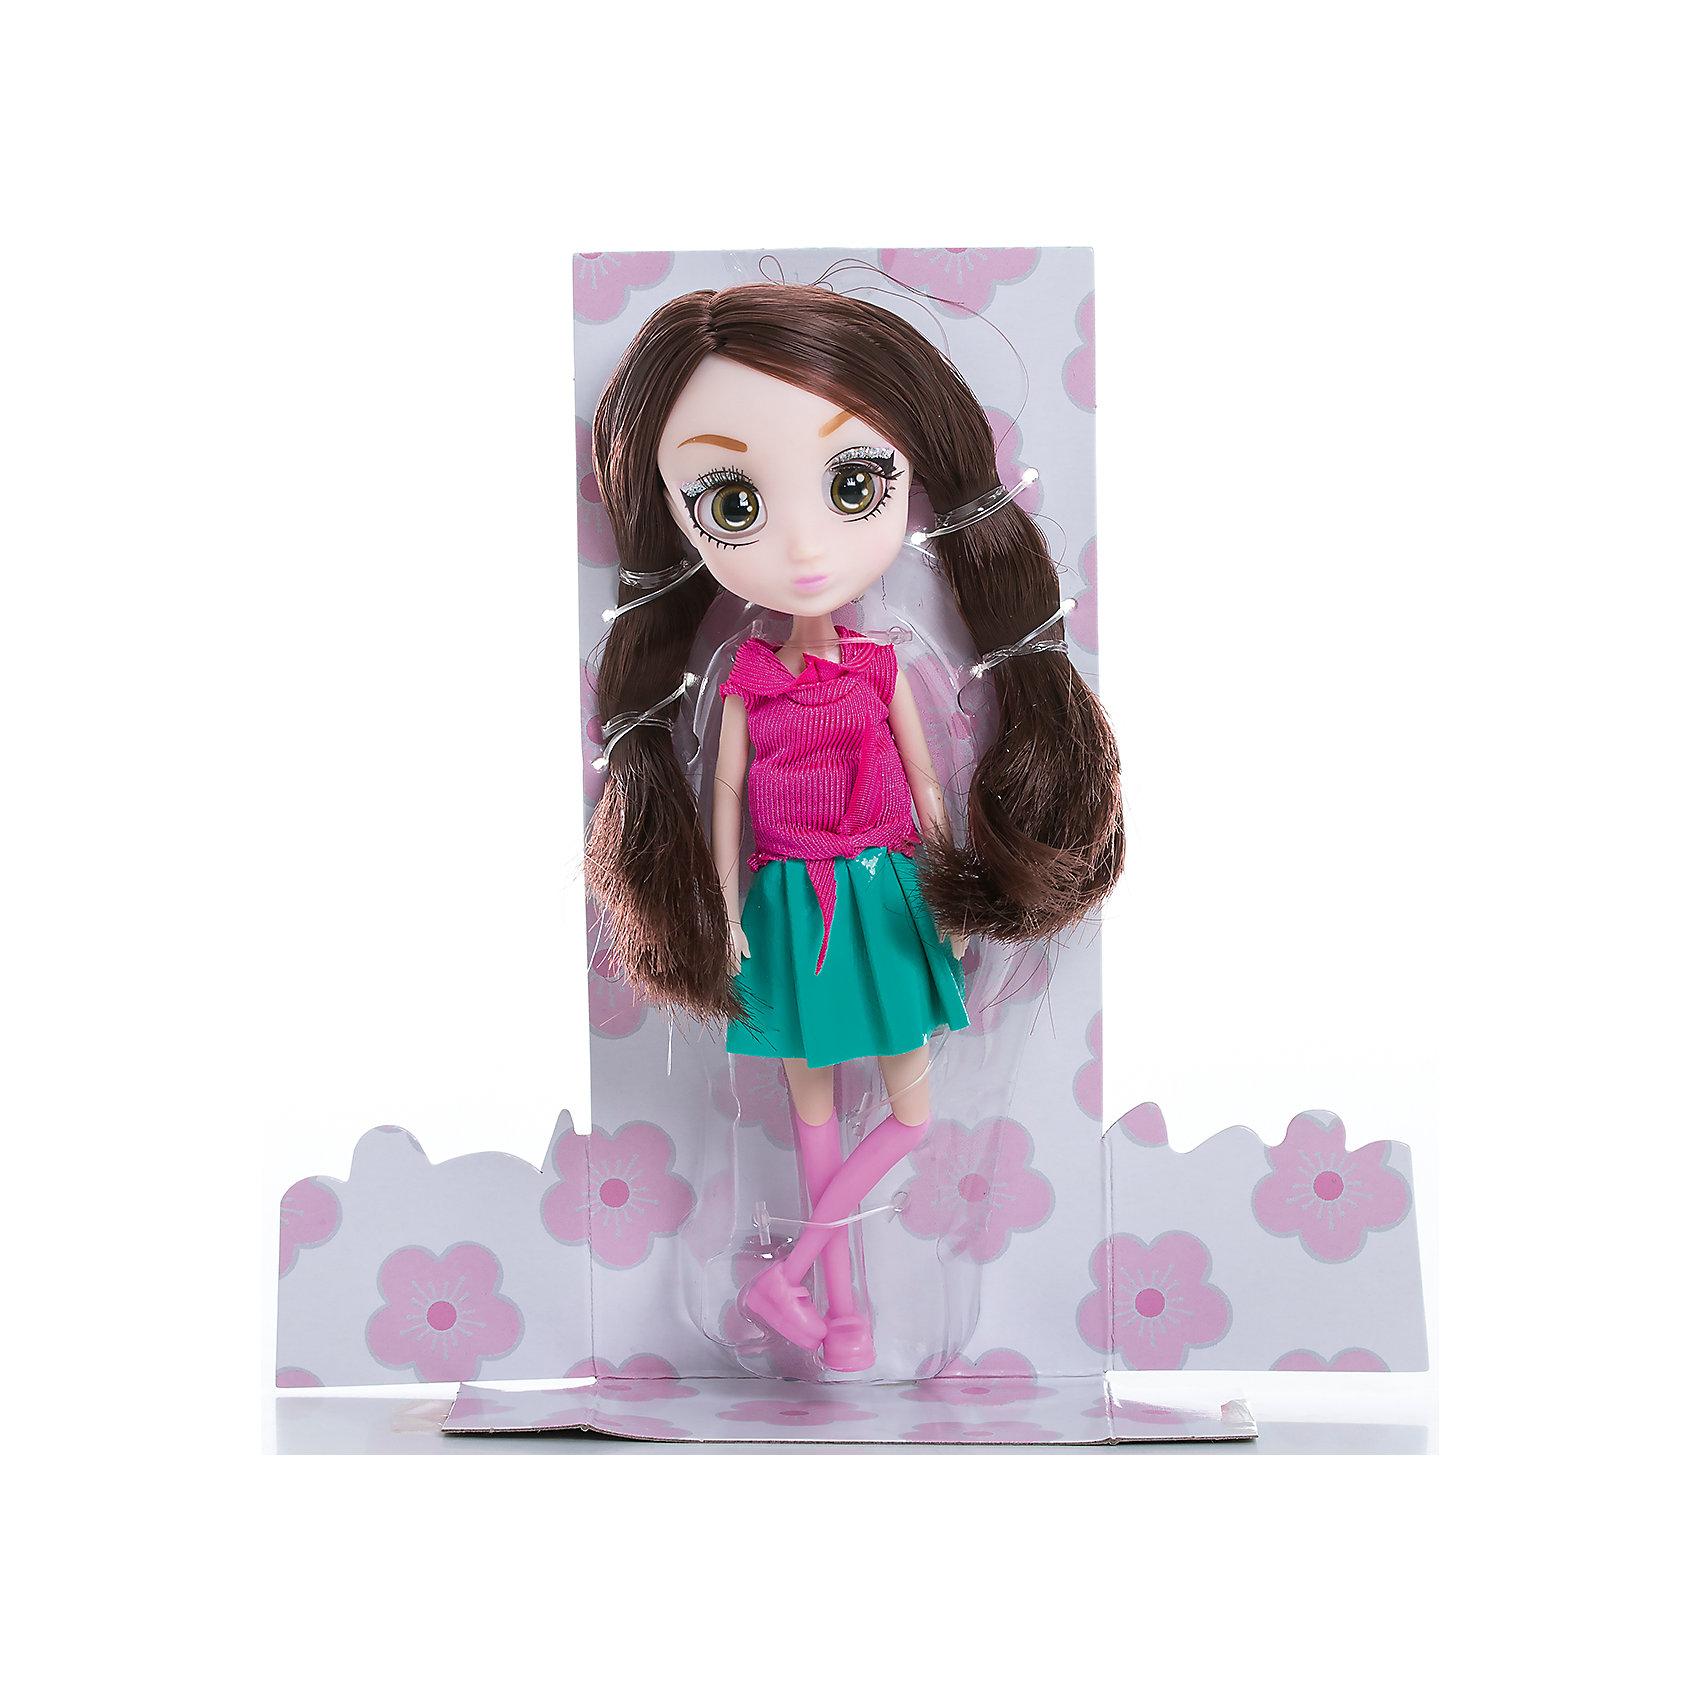 Кукла Намика, 15 см, Шибадзуку ГерлзМини-куклы<br>Характеристики товара:<br><br>• возраст: от 3 лет;<br>• материал: пластик,текстиль;<br>•высота куклы: 15 см;<br>•в комплекте : кукла,аксессуары;<br>• размер упаковки: 5х8х17 см;<br>• вес упаковки: 87 гр.;<br>• страна обладатель бренда: Австралия;<br>• бренд: Hunter Products. <br><br>Представляем Вашему вниманию куклу Намика. Ее главная страсть - наука, особенно астрономия. Она обожает подолгу наблюдать за звездным небом, а ее заветная мечта - стать исследователем. На этот раз Намика одета в розовую кофточку, которая завязывается на поясе, бирюзовую юбку, розовые гетры и ботиночки. <br><br>А еще у куклы яркий макияж и длинные каштановые волосы. Девочка сможет сделать очень много необычных причесок для любимой игрушки. <br><br>У куклы подвижная голова, руки и ноги. Руки без шарниров, а вот ноги сгибаются в бедре, прокручиваются и сгибаются в колене. <br><br>Куклу Намика,15 см  можно приобрести в нашем интернет-магазине.<br><br>Ширина мм: 80<br>Глубина мм: 50<br>Высота мм: 170<br>Вес г: 87<br>Возраст от месяцев: 36<br>Возраст до месяцев: 2147483647<br>Пол: Женский<br>Возраст: Детский<br>SKU: 6916235